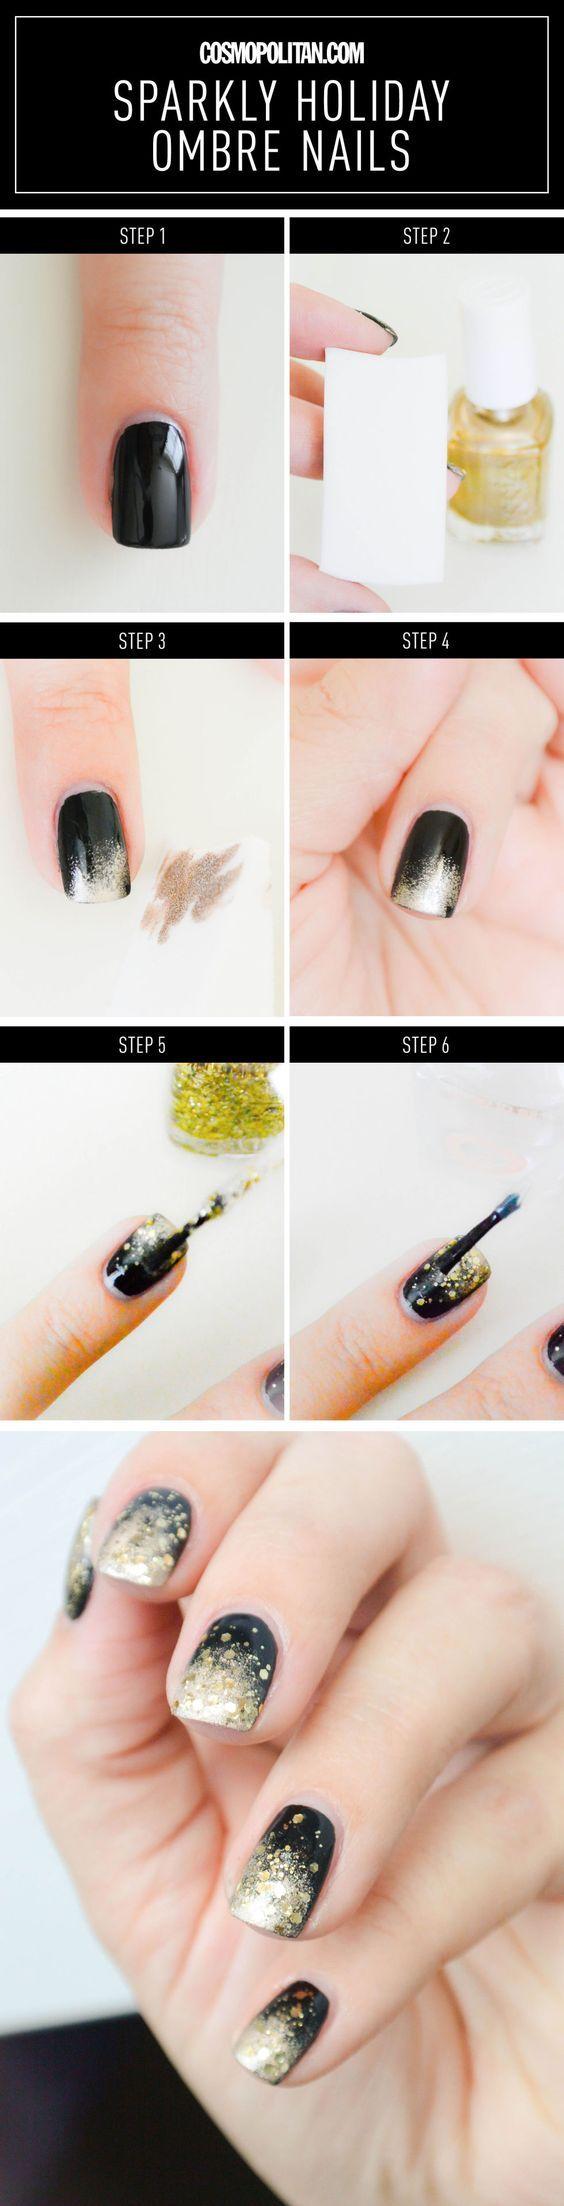 170 besten Fingernägel Bilder auf Pinterest   Nageldesign, Einfache ...